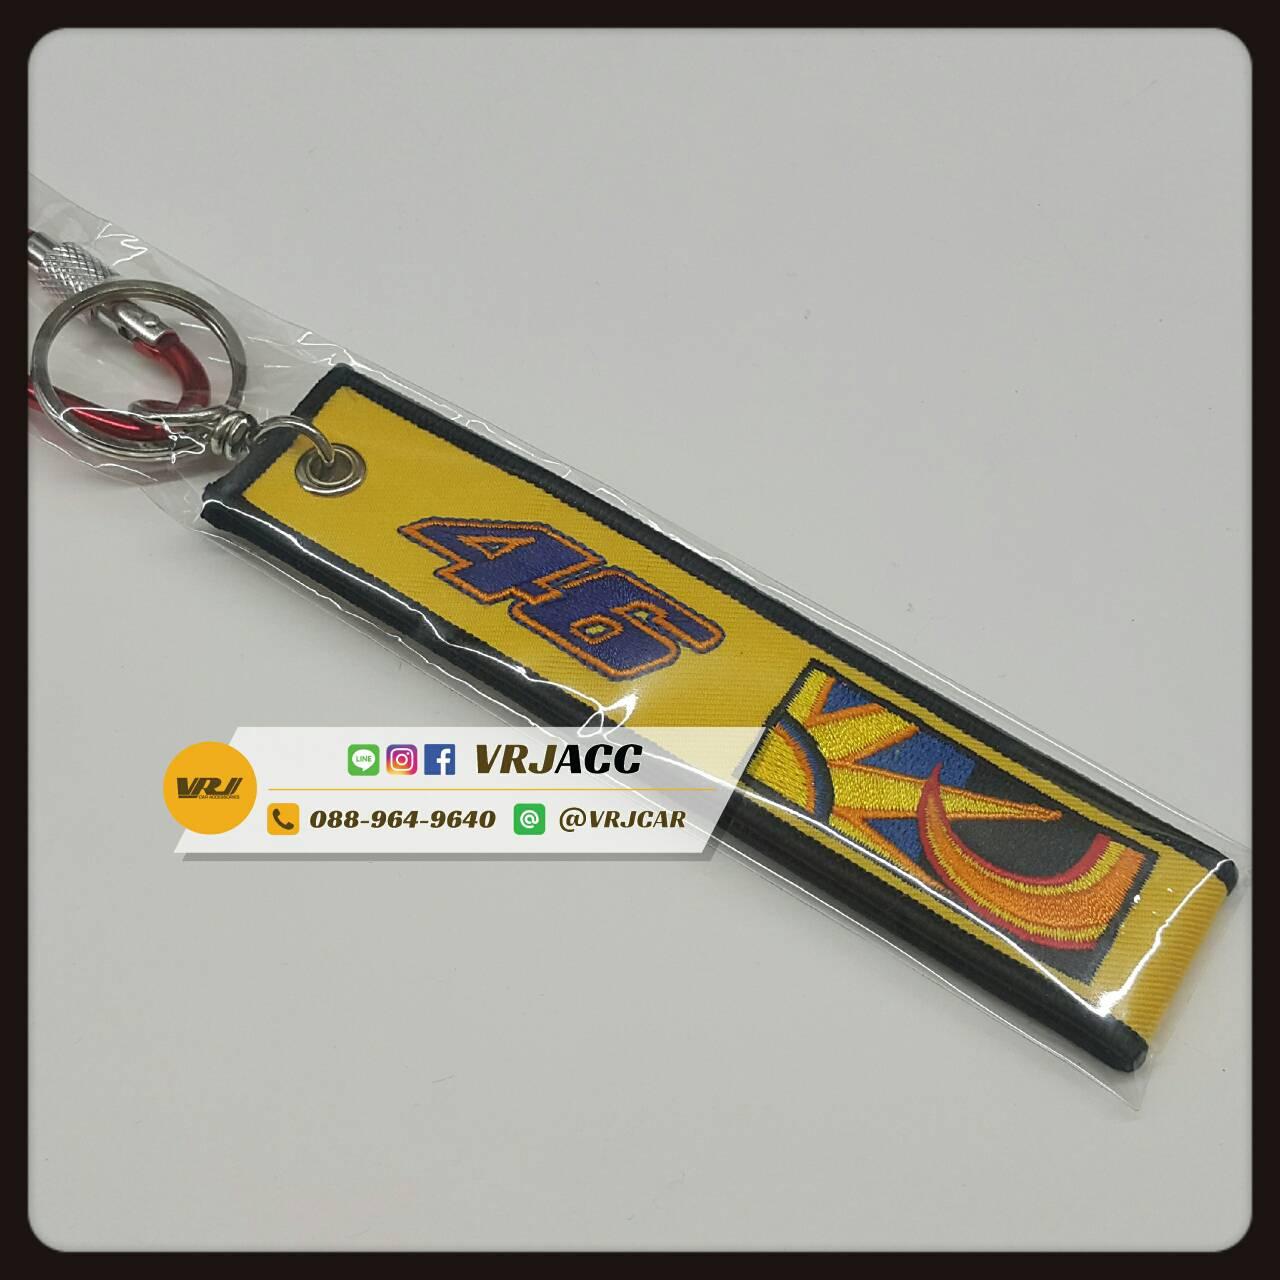 พวงกุญแจผ้า พร้อมตะขอเกี่ยว 46 : Keychain